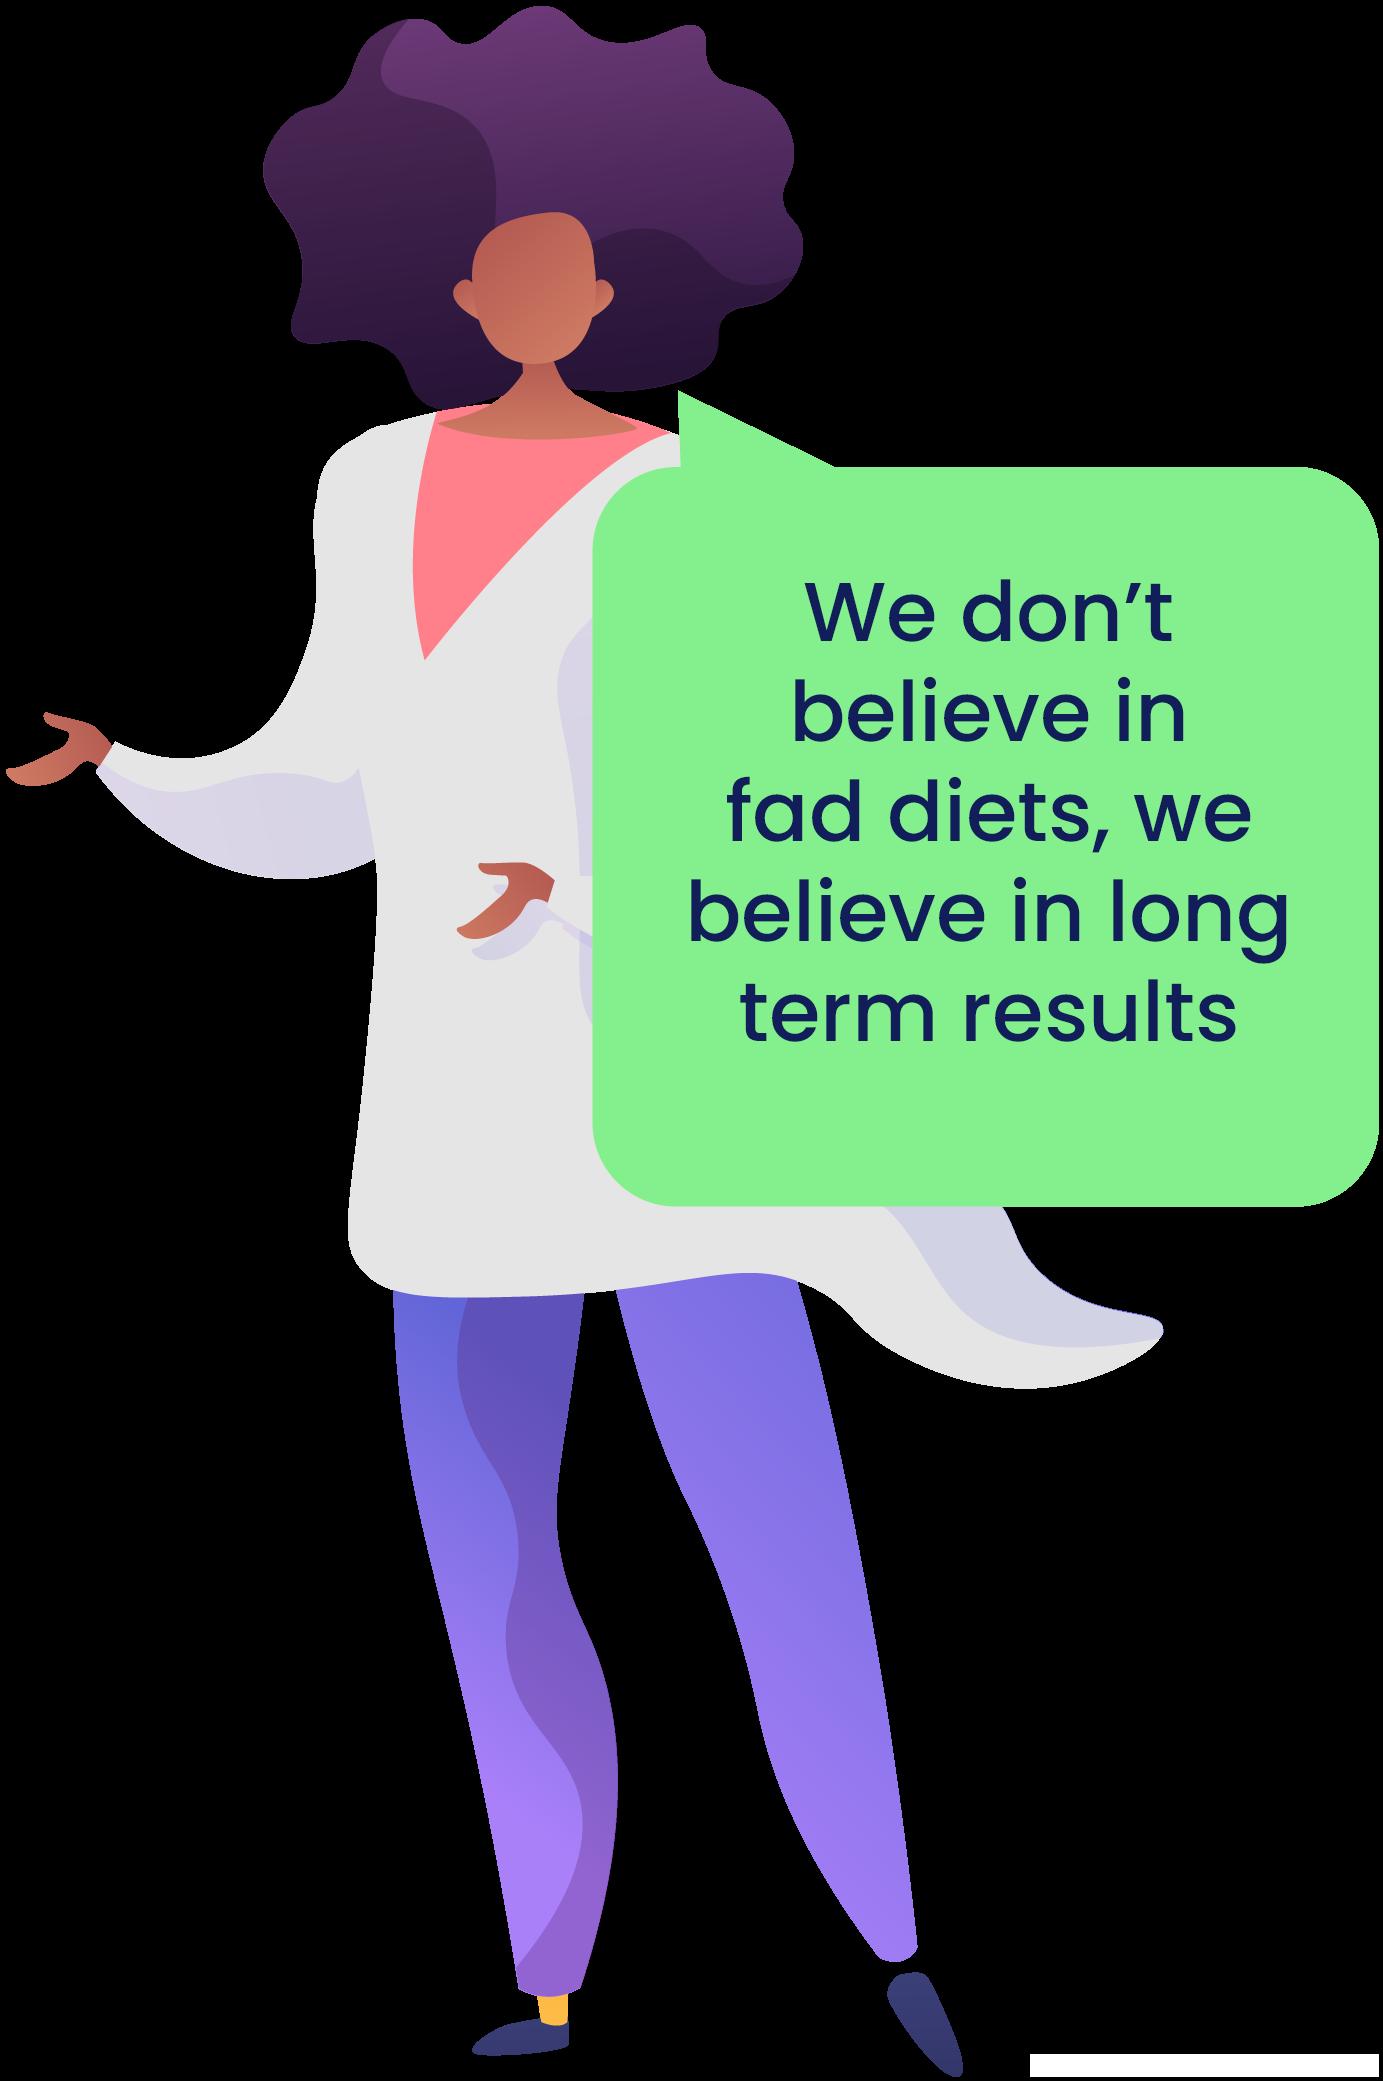 We don't believe in fad diets, we believe in long term results